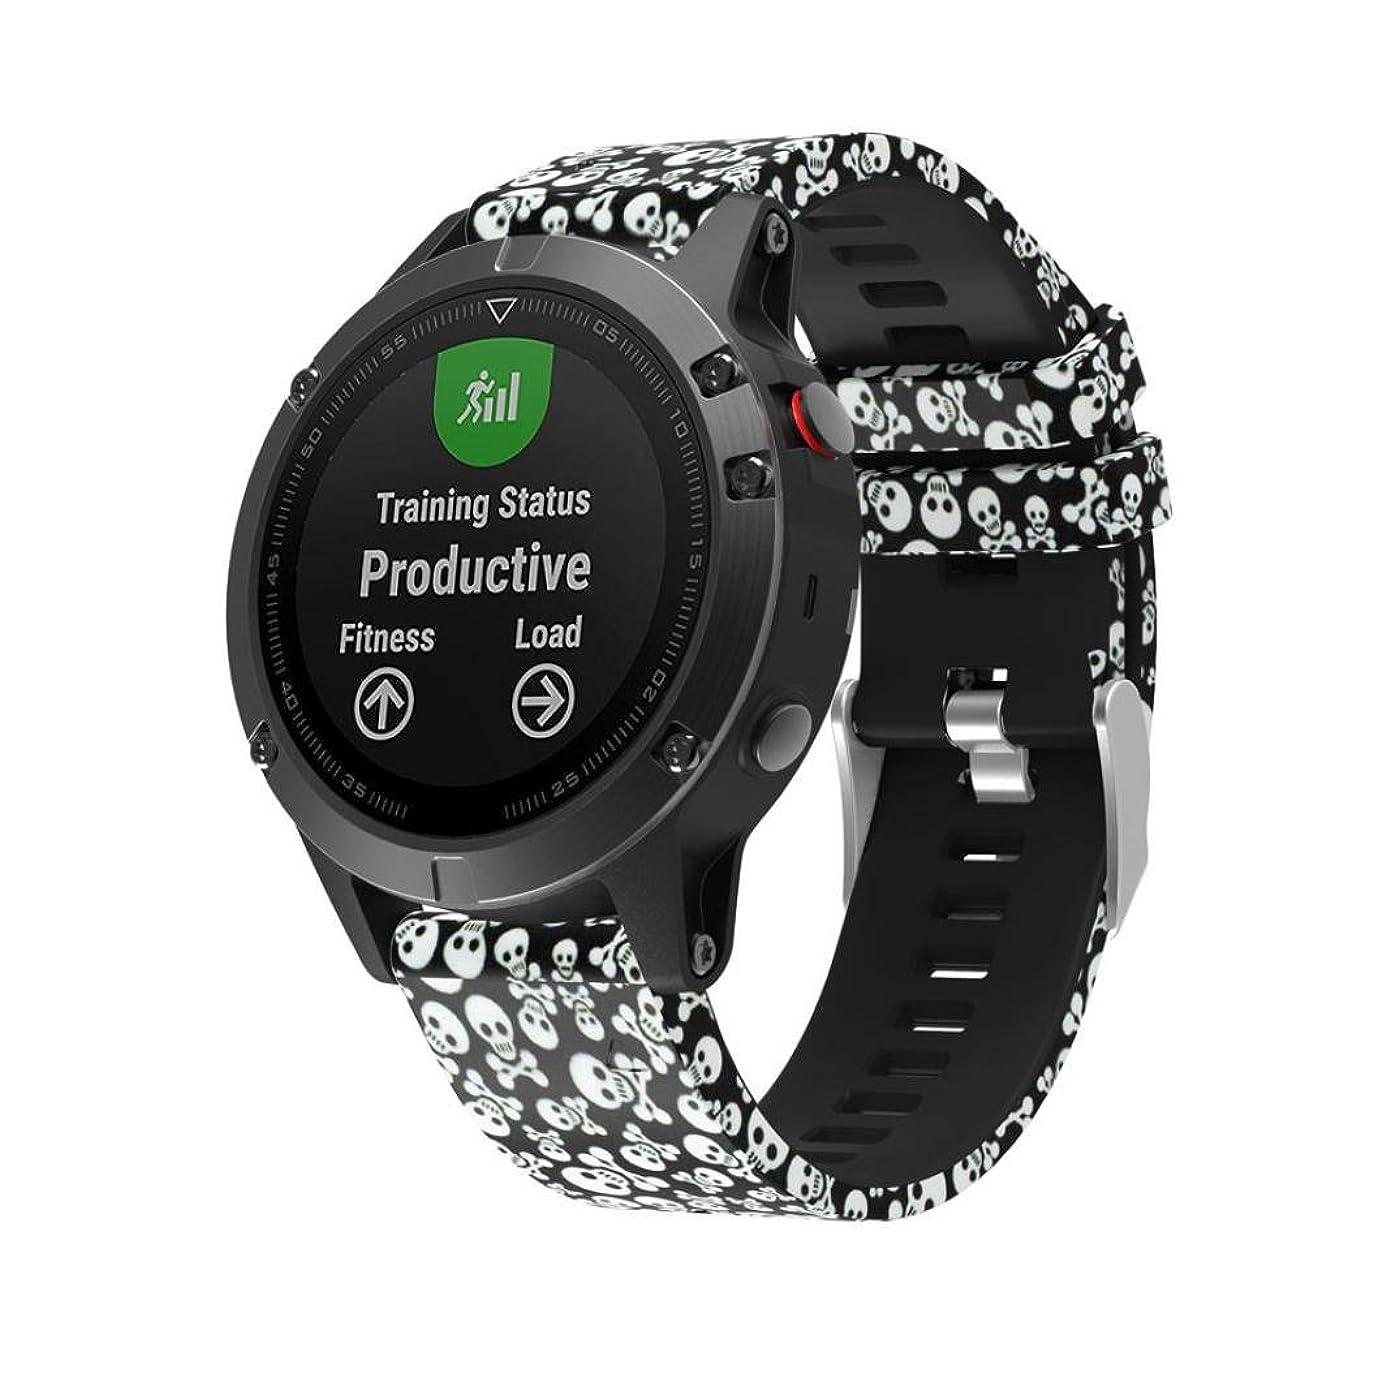 整然とした肩をすくめるメアリアンジョーンズvesnibaカラフルな新しいファッション印刷交換Silicagelクイックインストールソフト腕時計バンドストラップfor Garmin Fenix 5?GPS Watch 220MM C